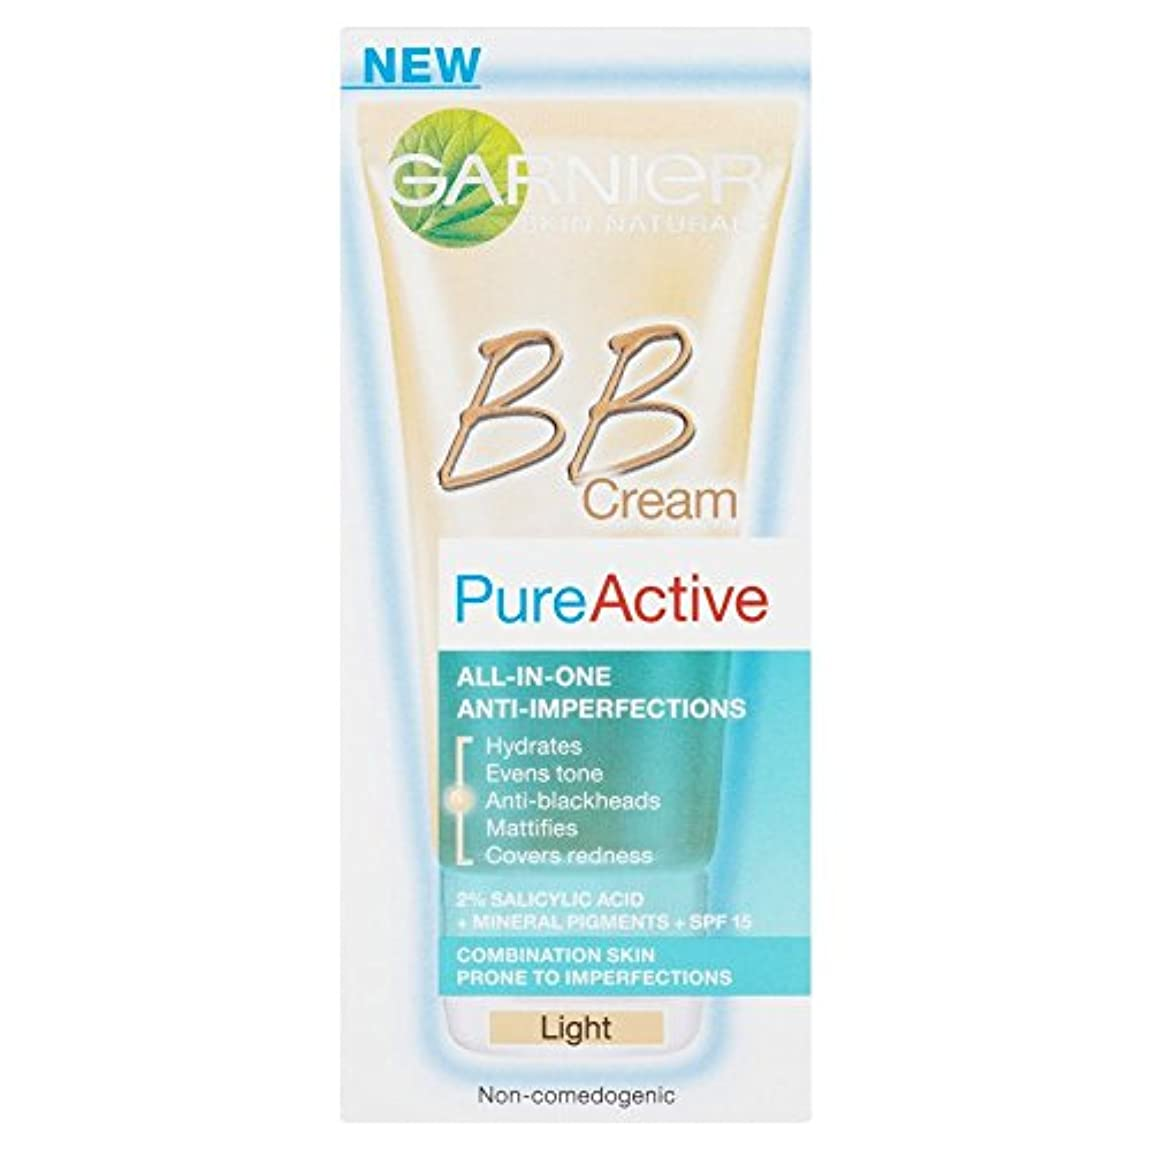 切り刻む無視潮Garnier Pure Active BB Cream - Light (50ml) ガルニエ純粋な活性bbクリーム - 光( 50ミリリットル) [並行輸入品]